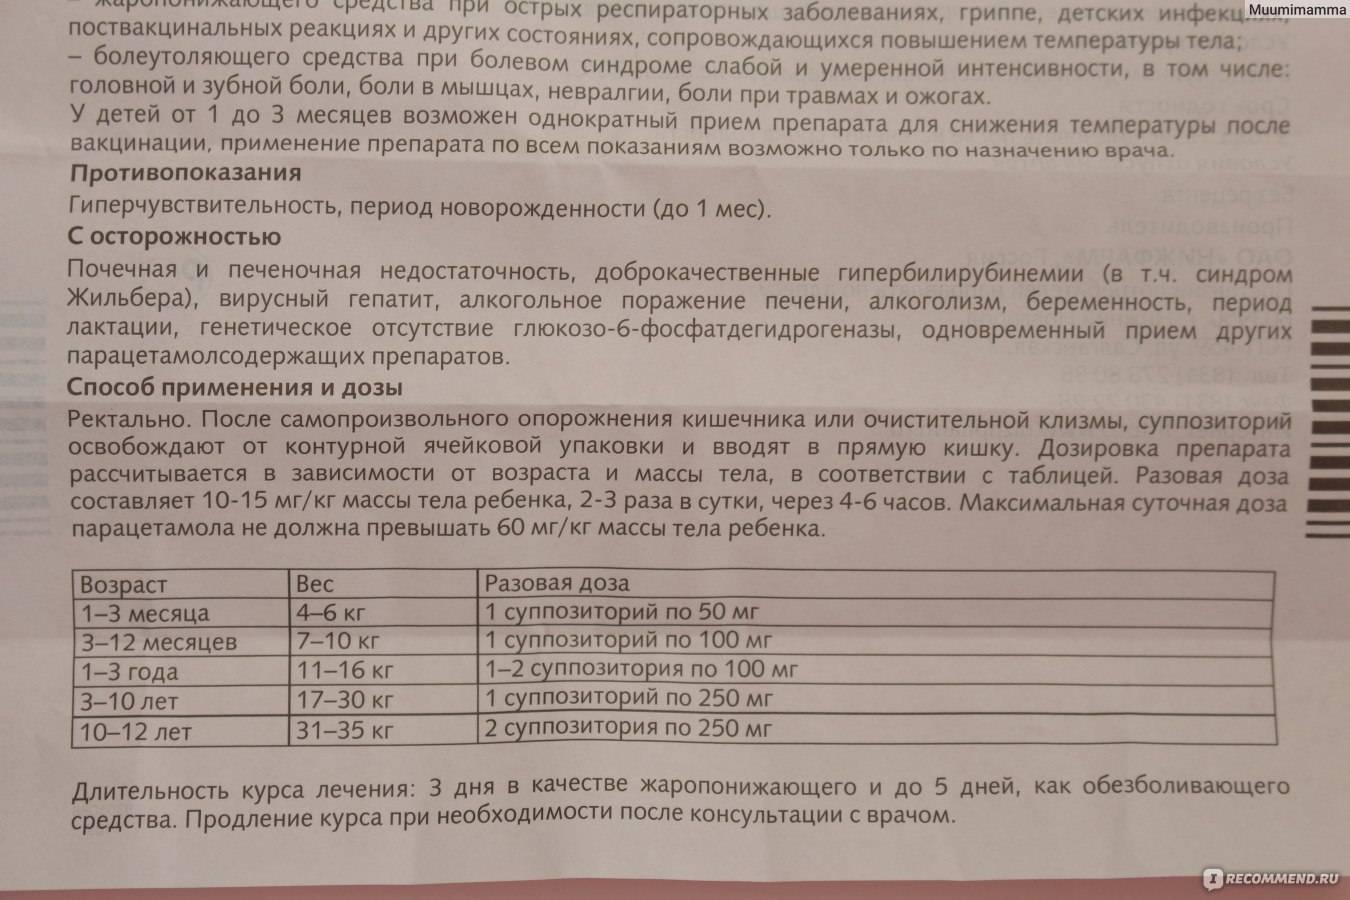 Парацетамол детям инструкция по применению в виде таблеток от высокой температуры